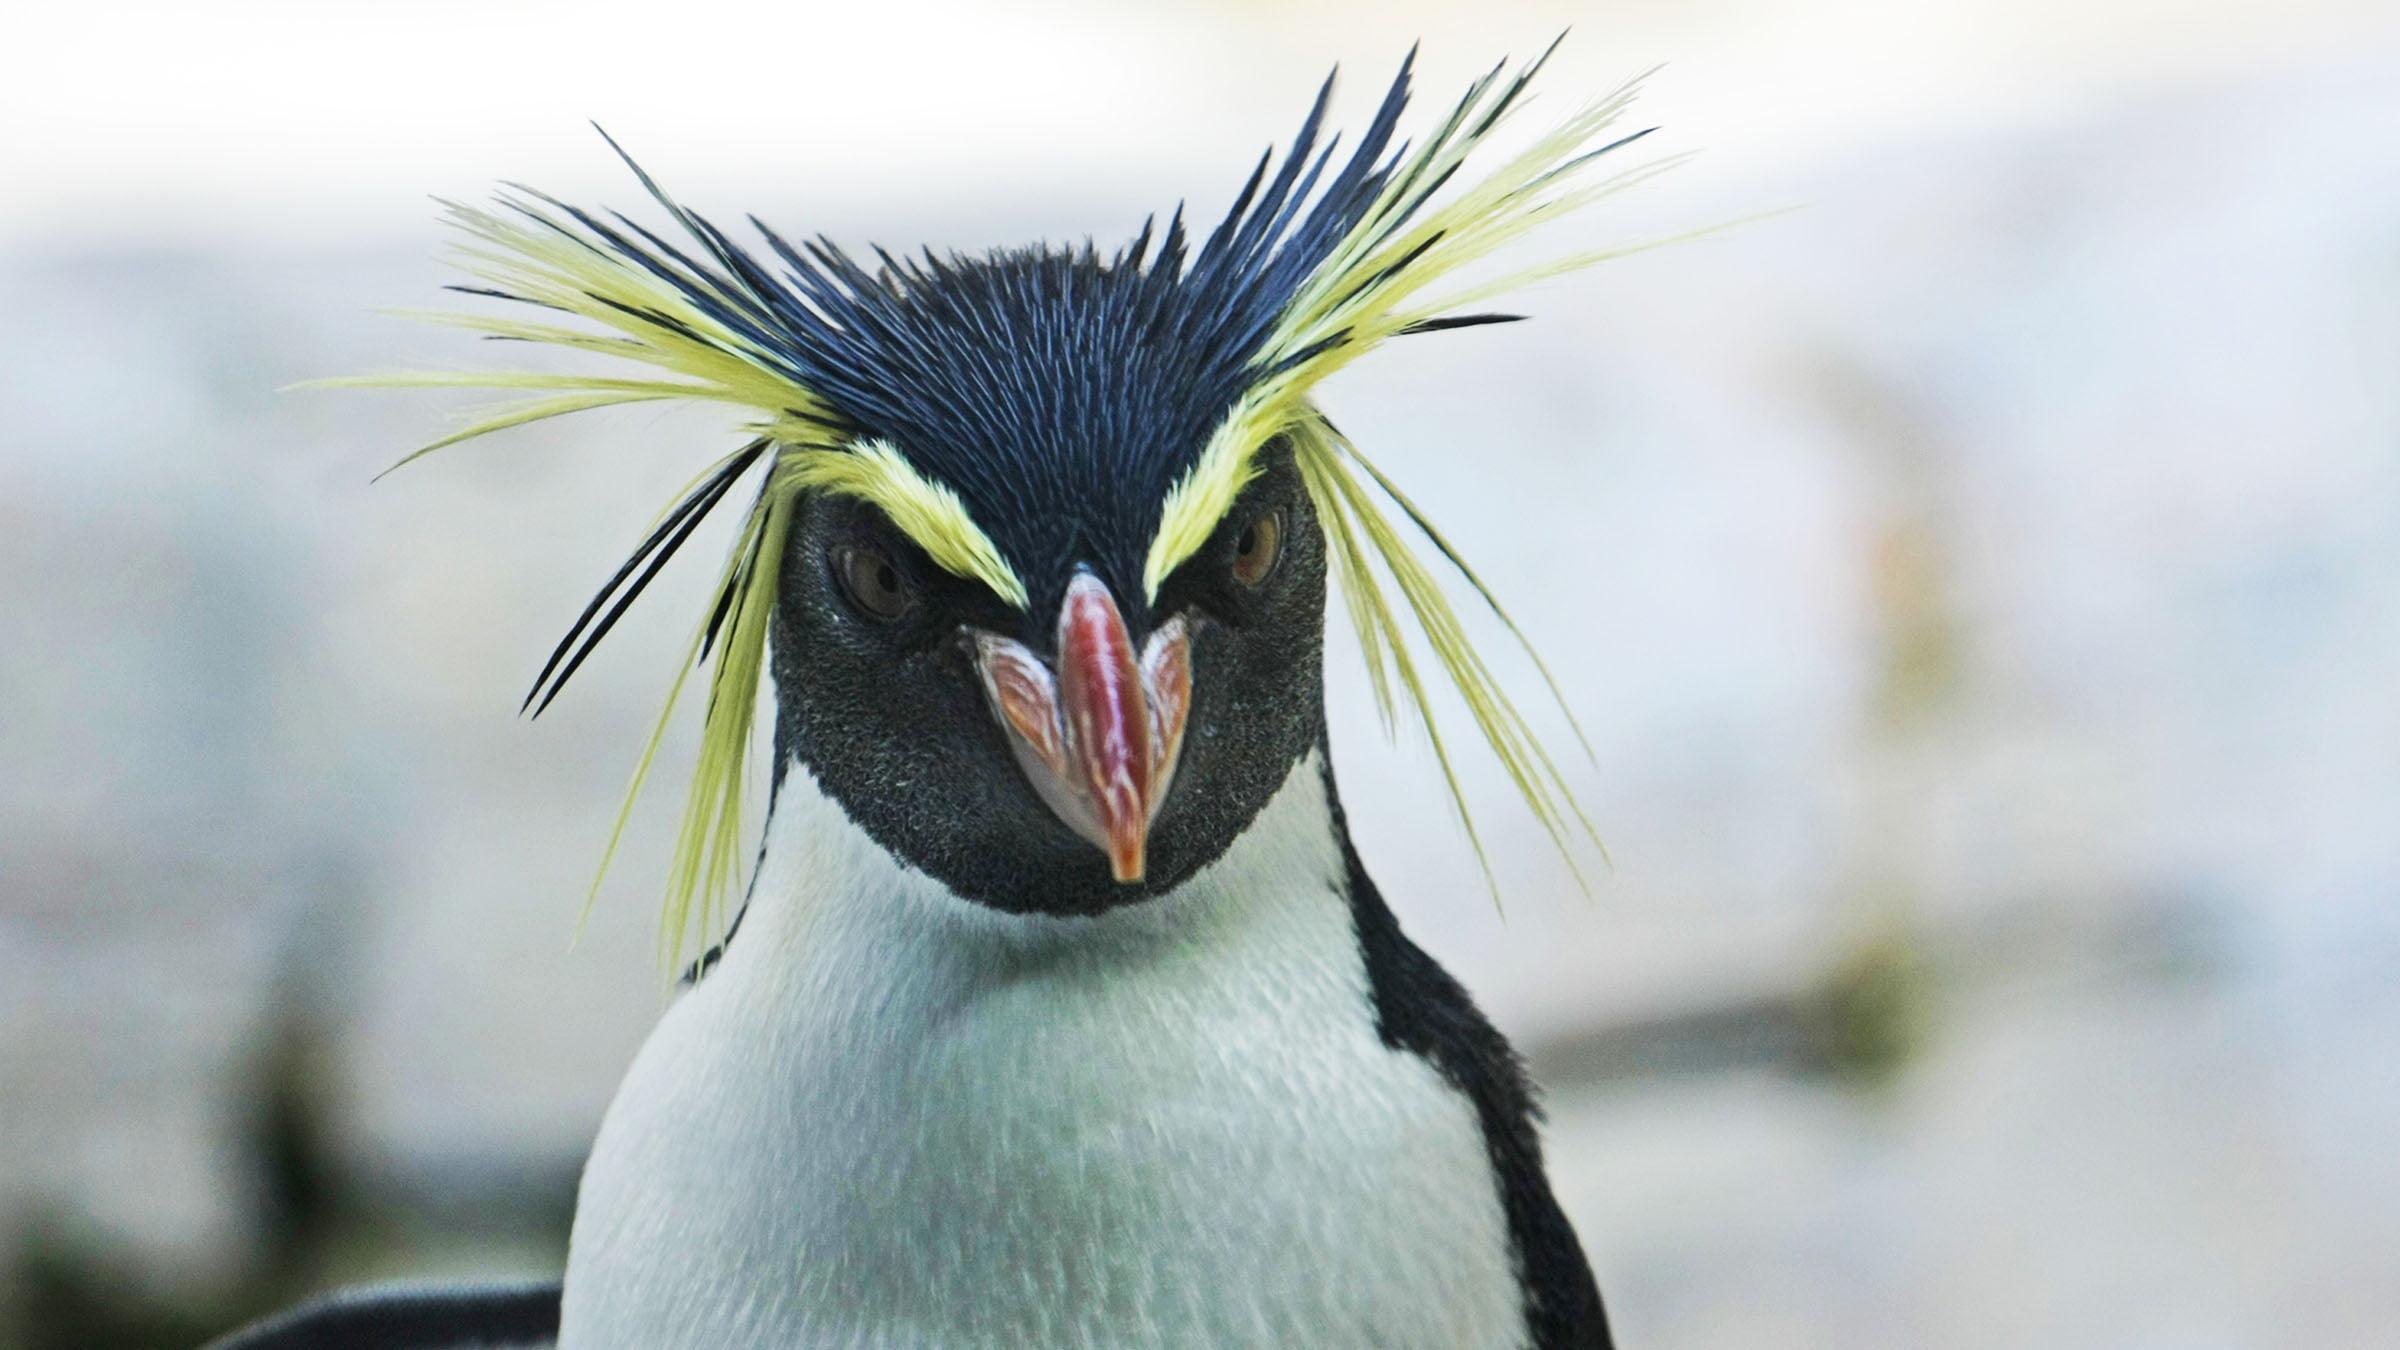 Resultado de imagen para pinguino de penacho amarillo peligro de extincion